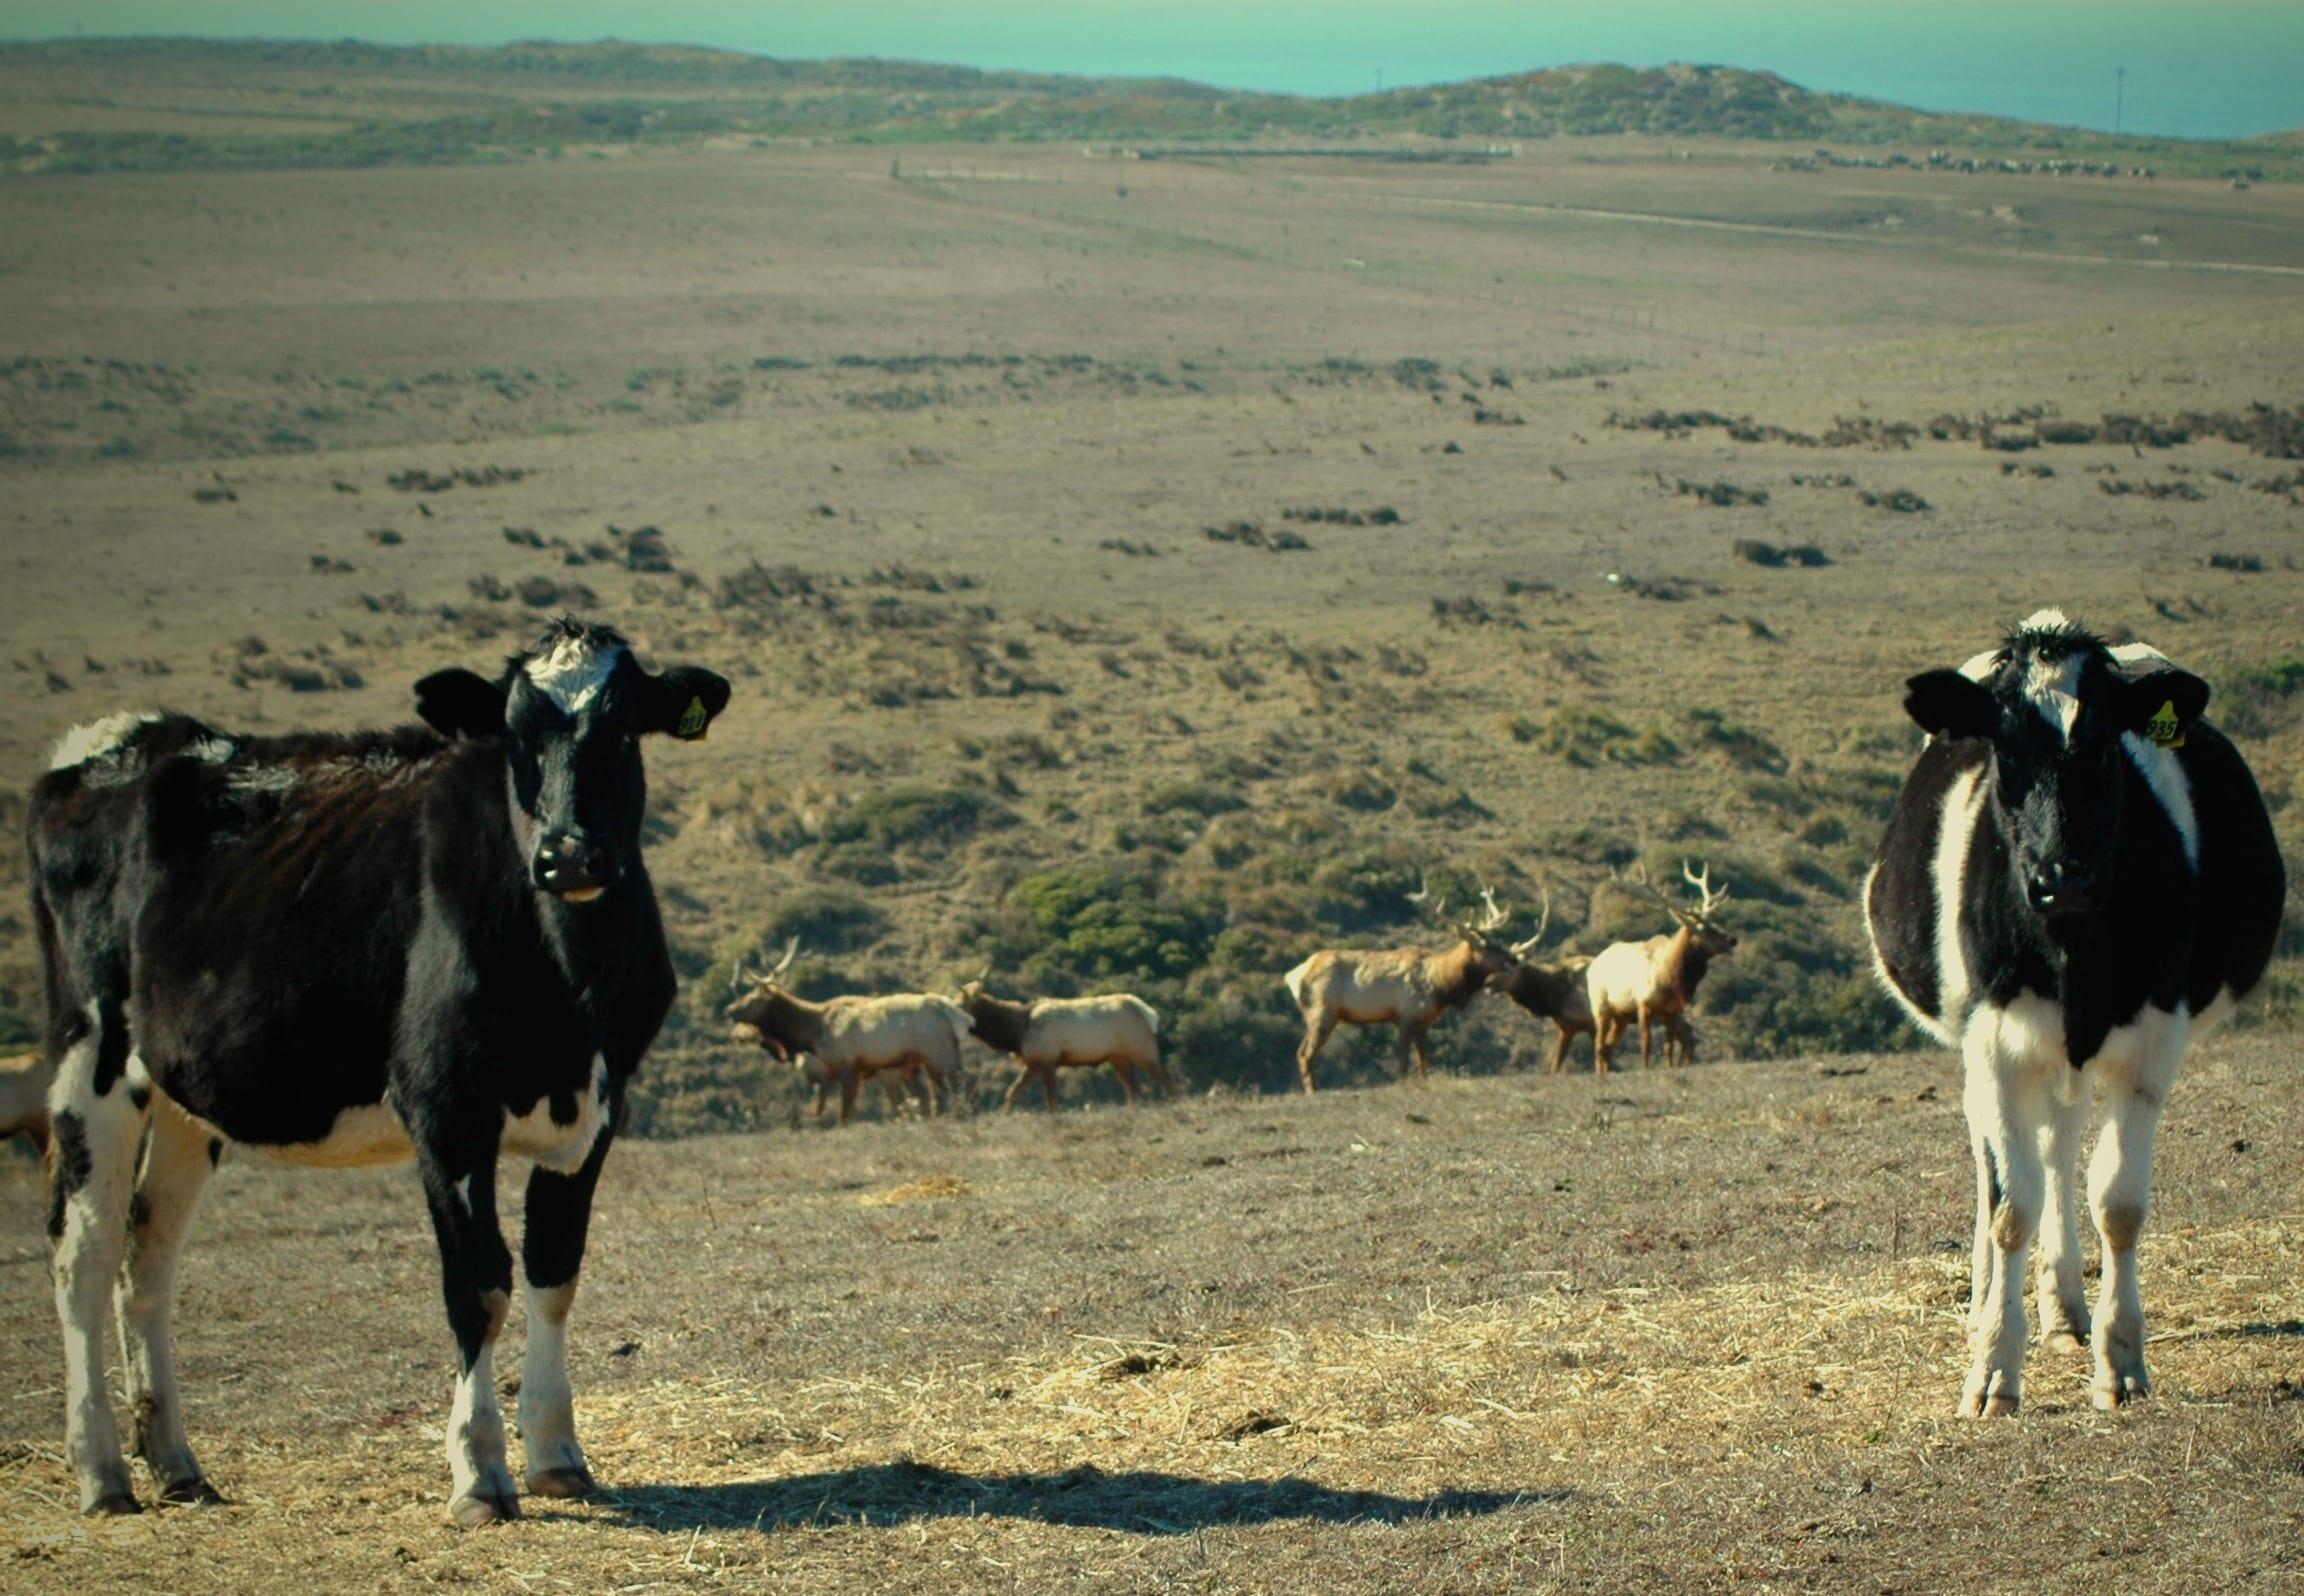 Tule Elk & Cows - Photo by Ann Miller #2